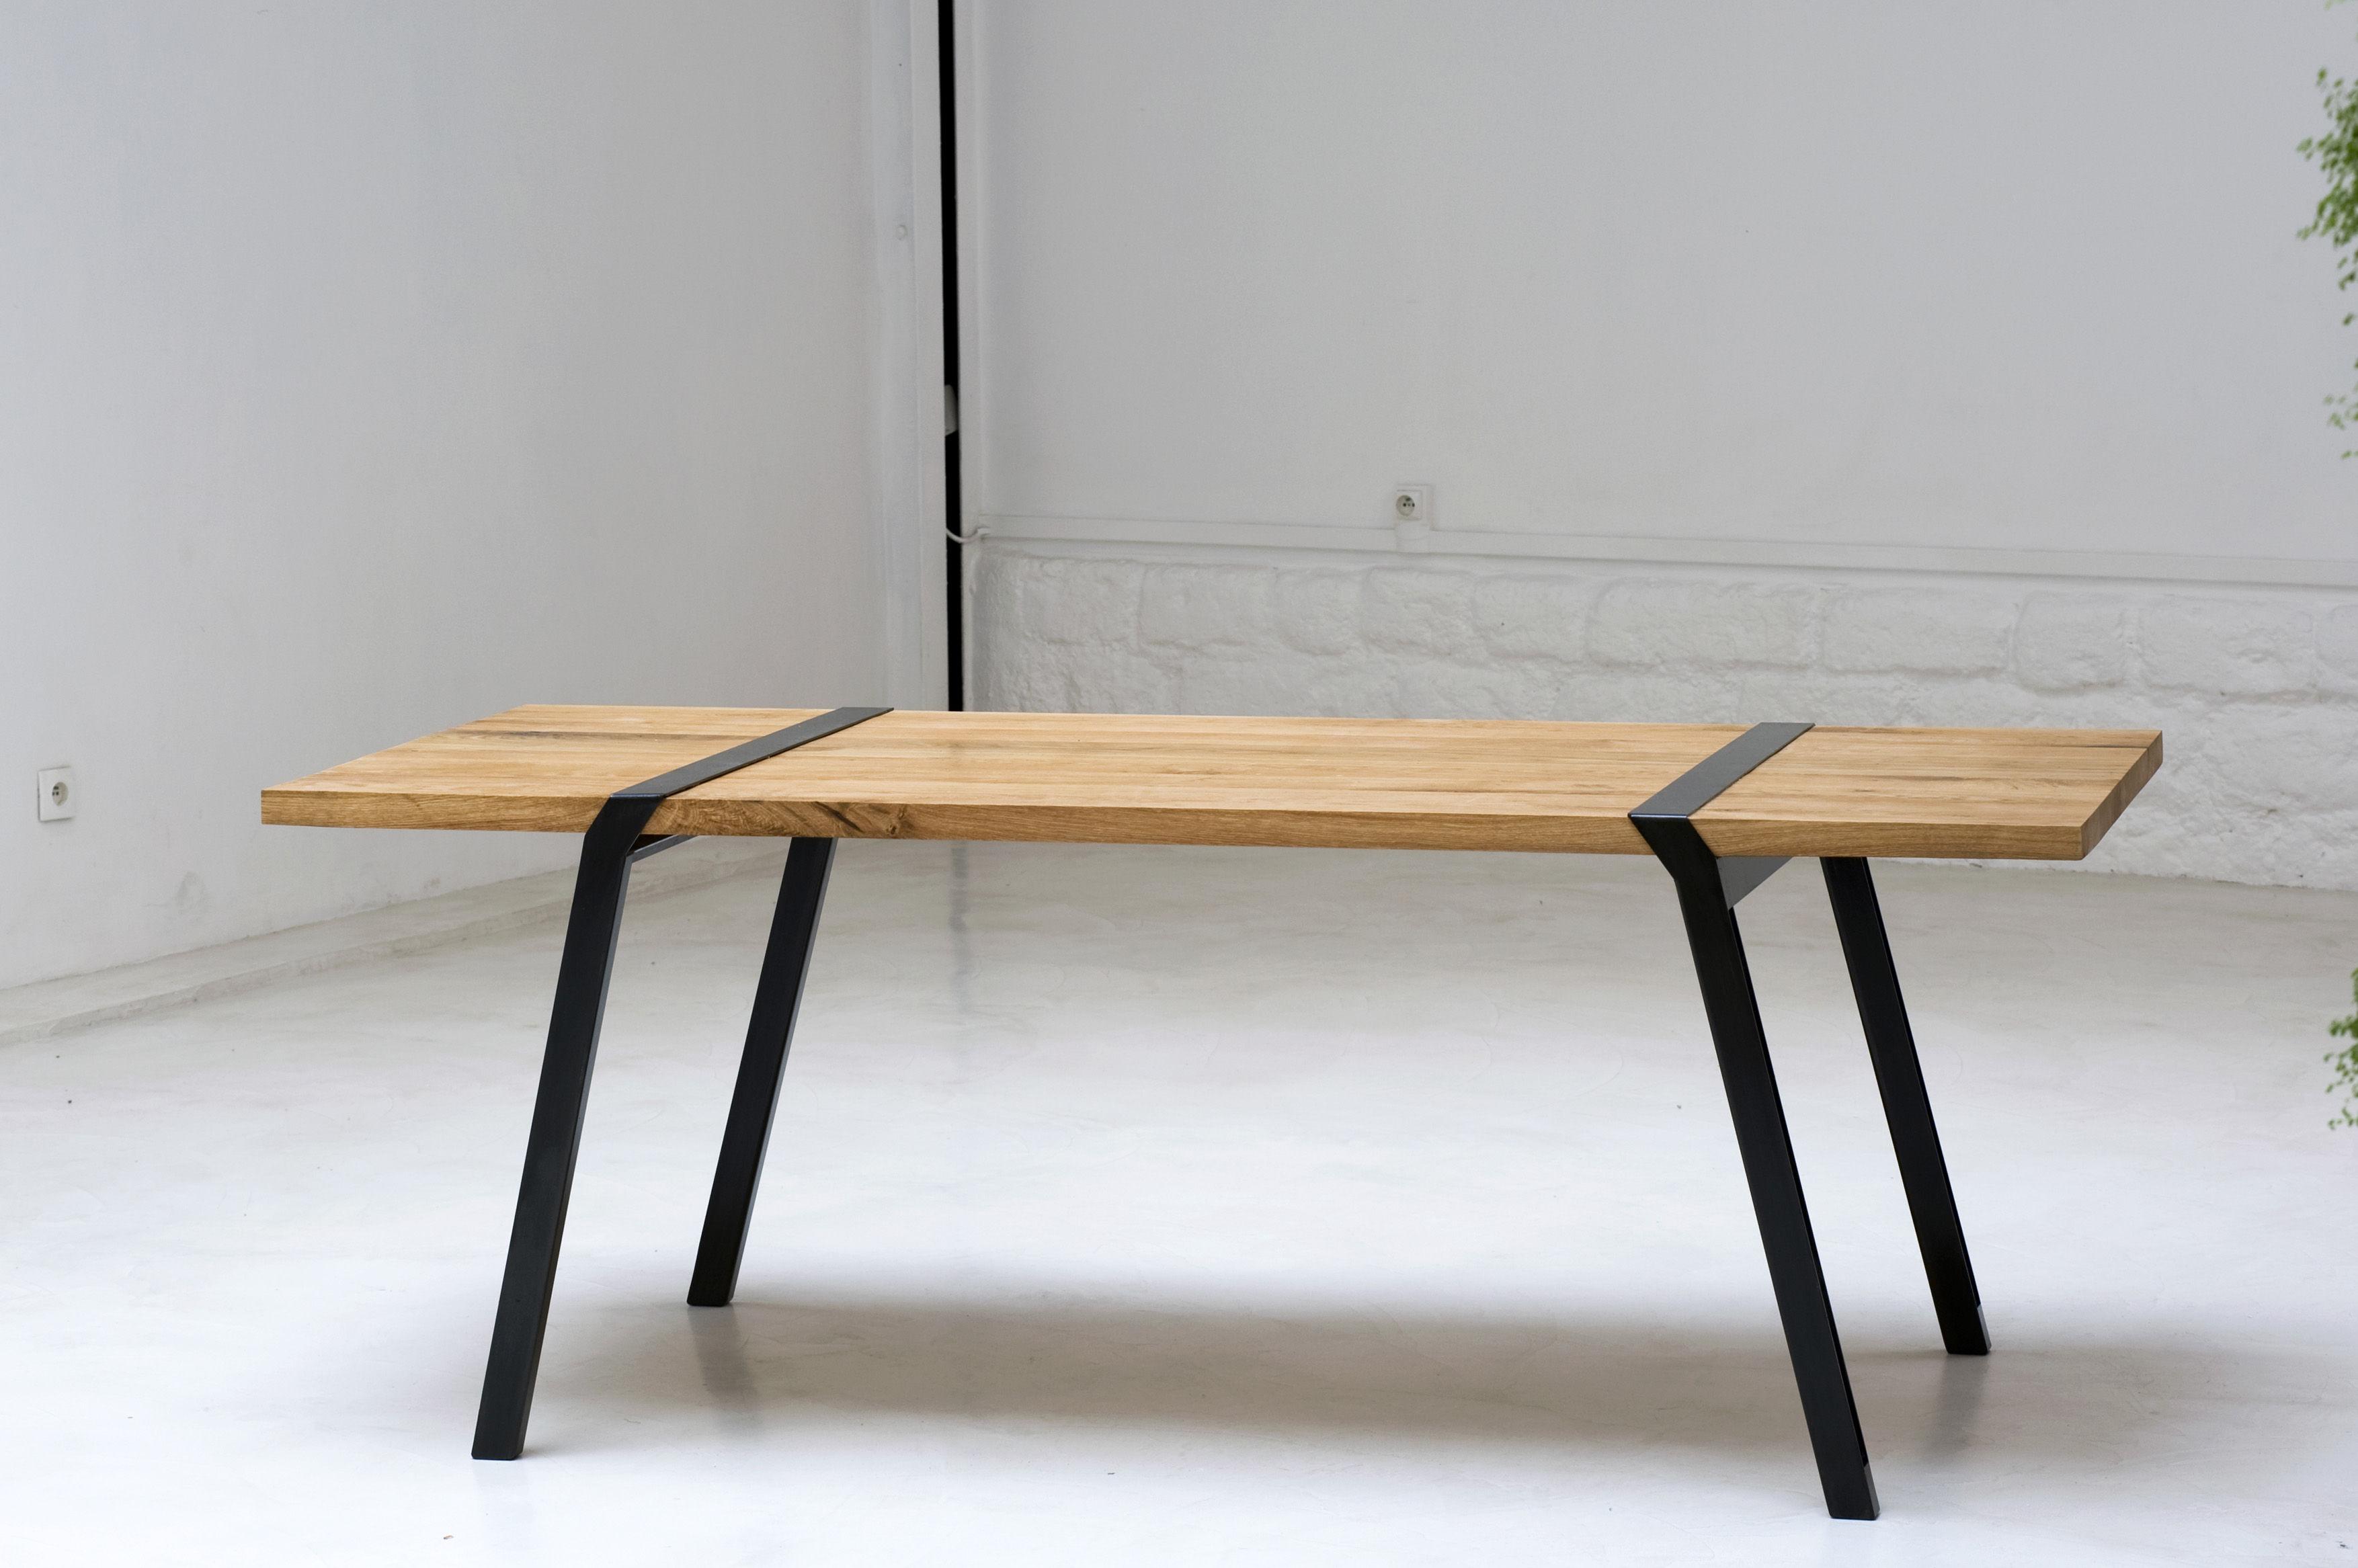 pi table l 200 cm indoor oak dark grey l 200 cm by moaroom made in design uk. Black Bedroom Furniture Sets. Home Design Ideas